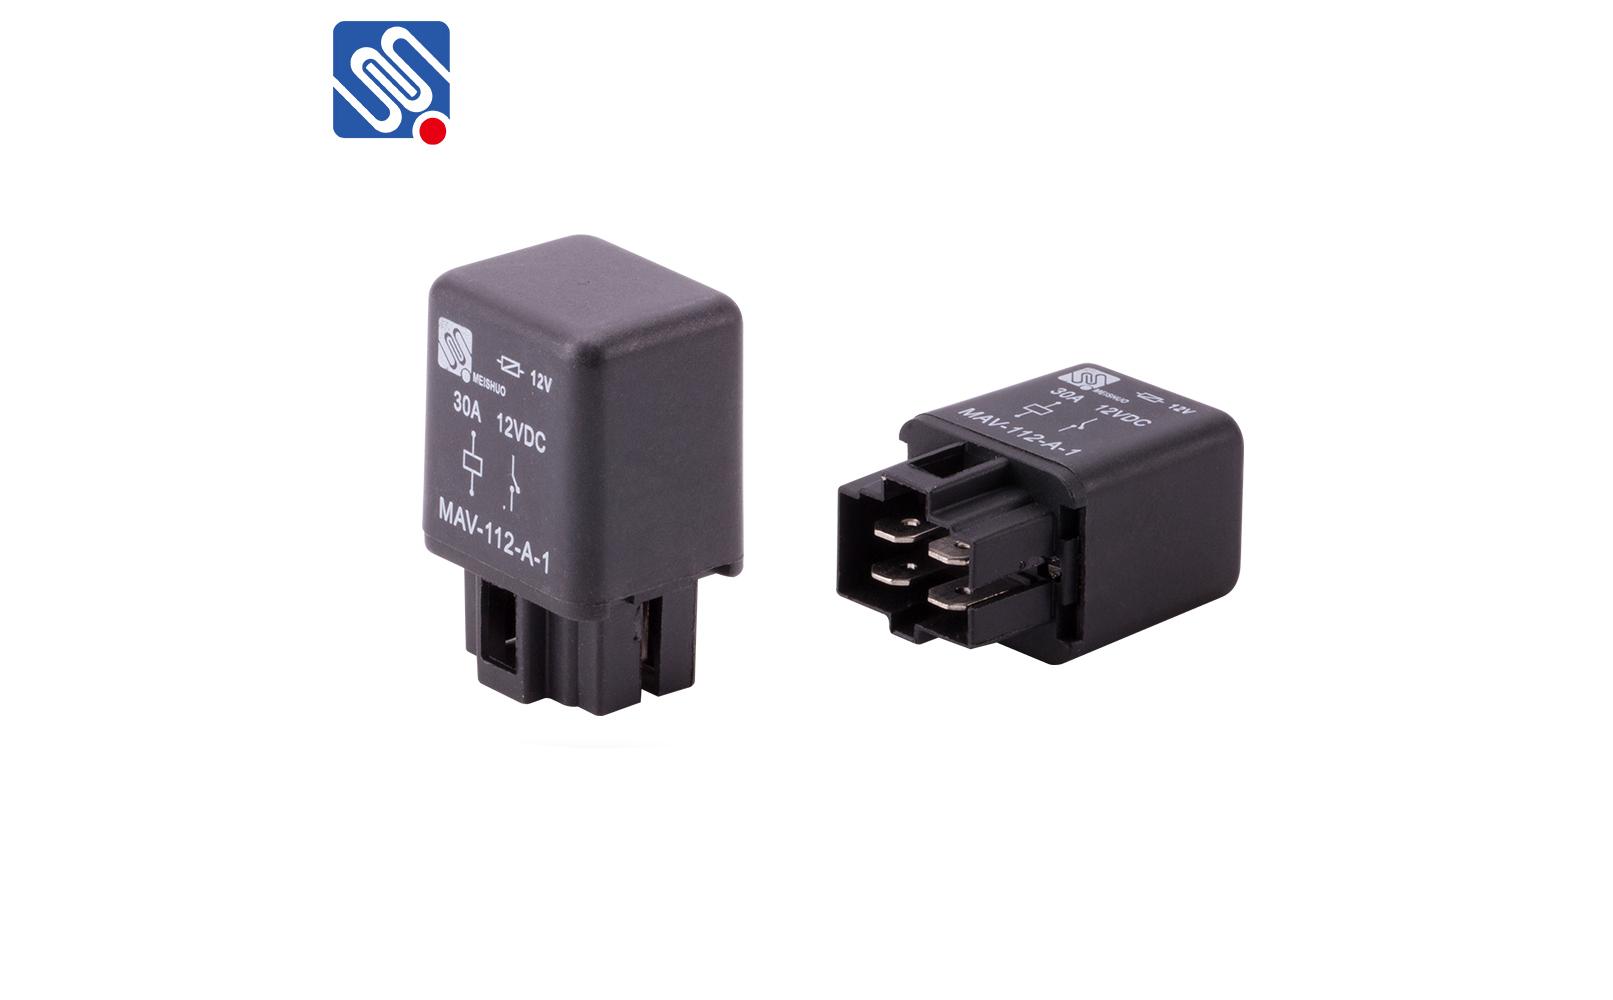 1 1P510102A8 4 pin 30 amp 12 volt relay mav 112 a 1_meishuoen